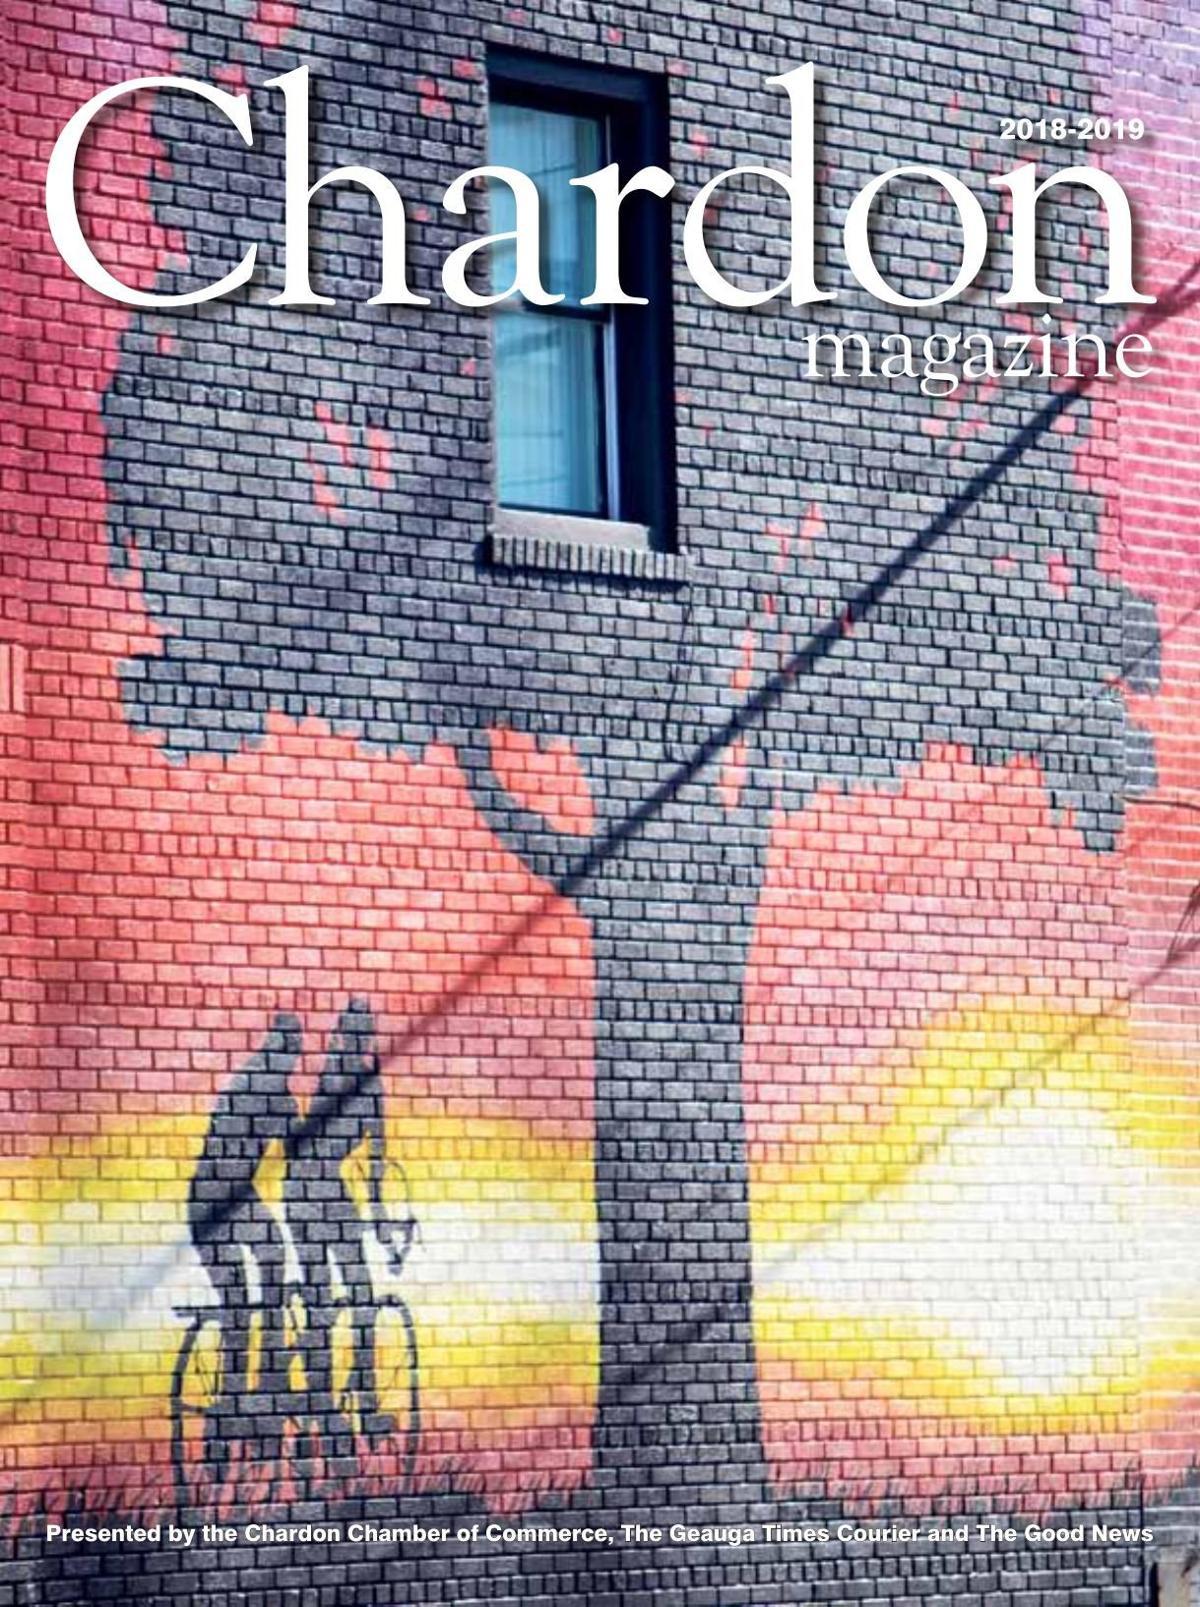 Chardon Magazine 2018